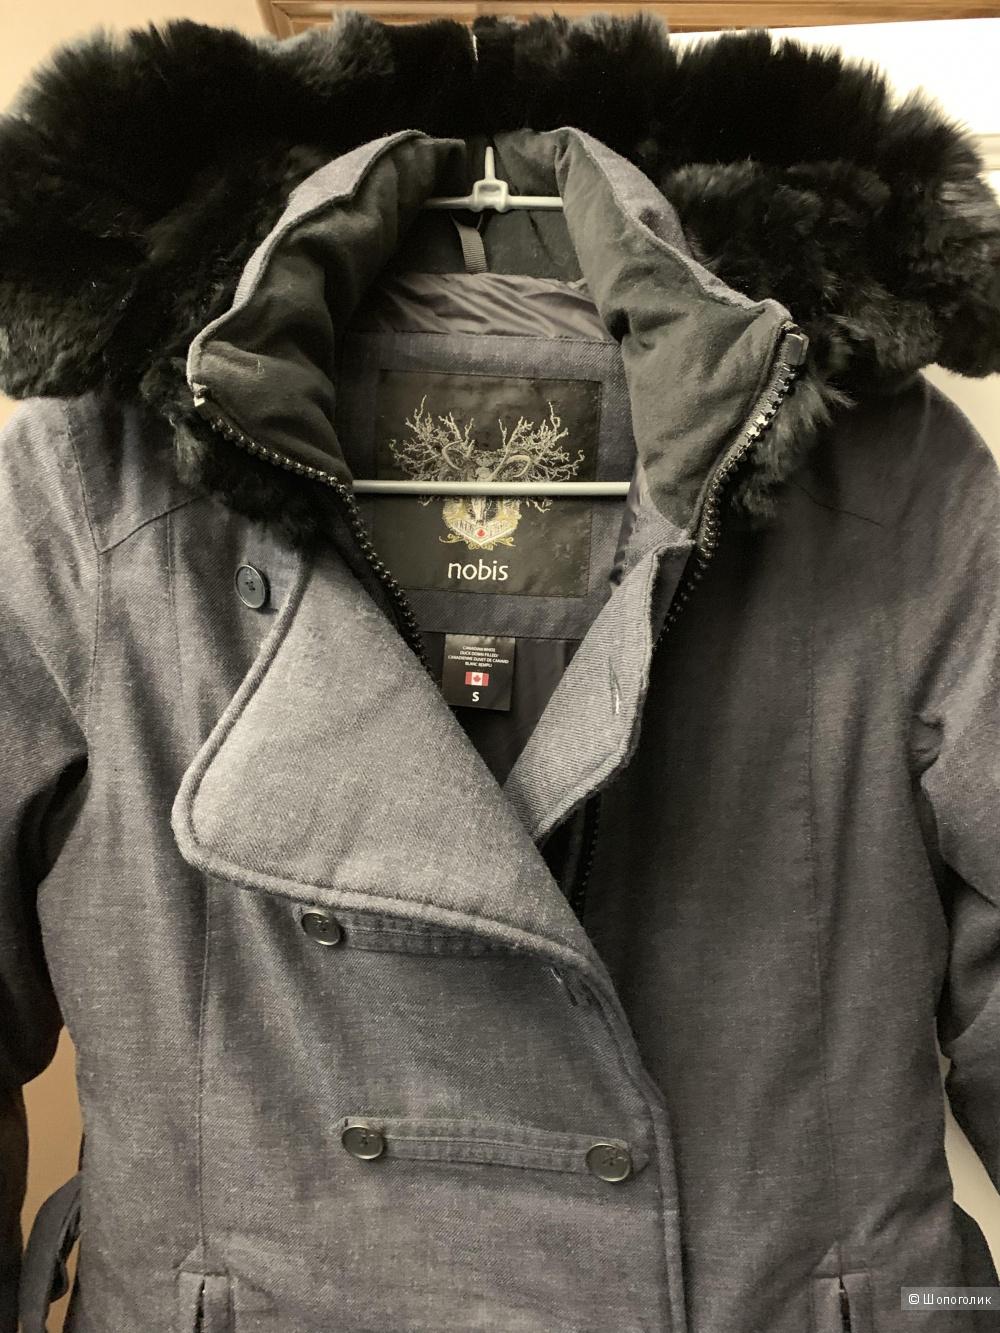 Пальто Nobis Ursula, размер S